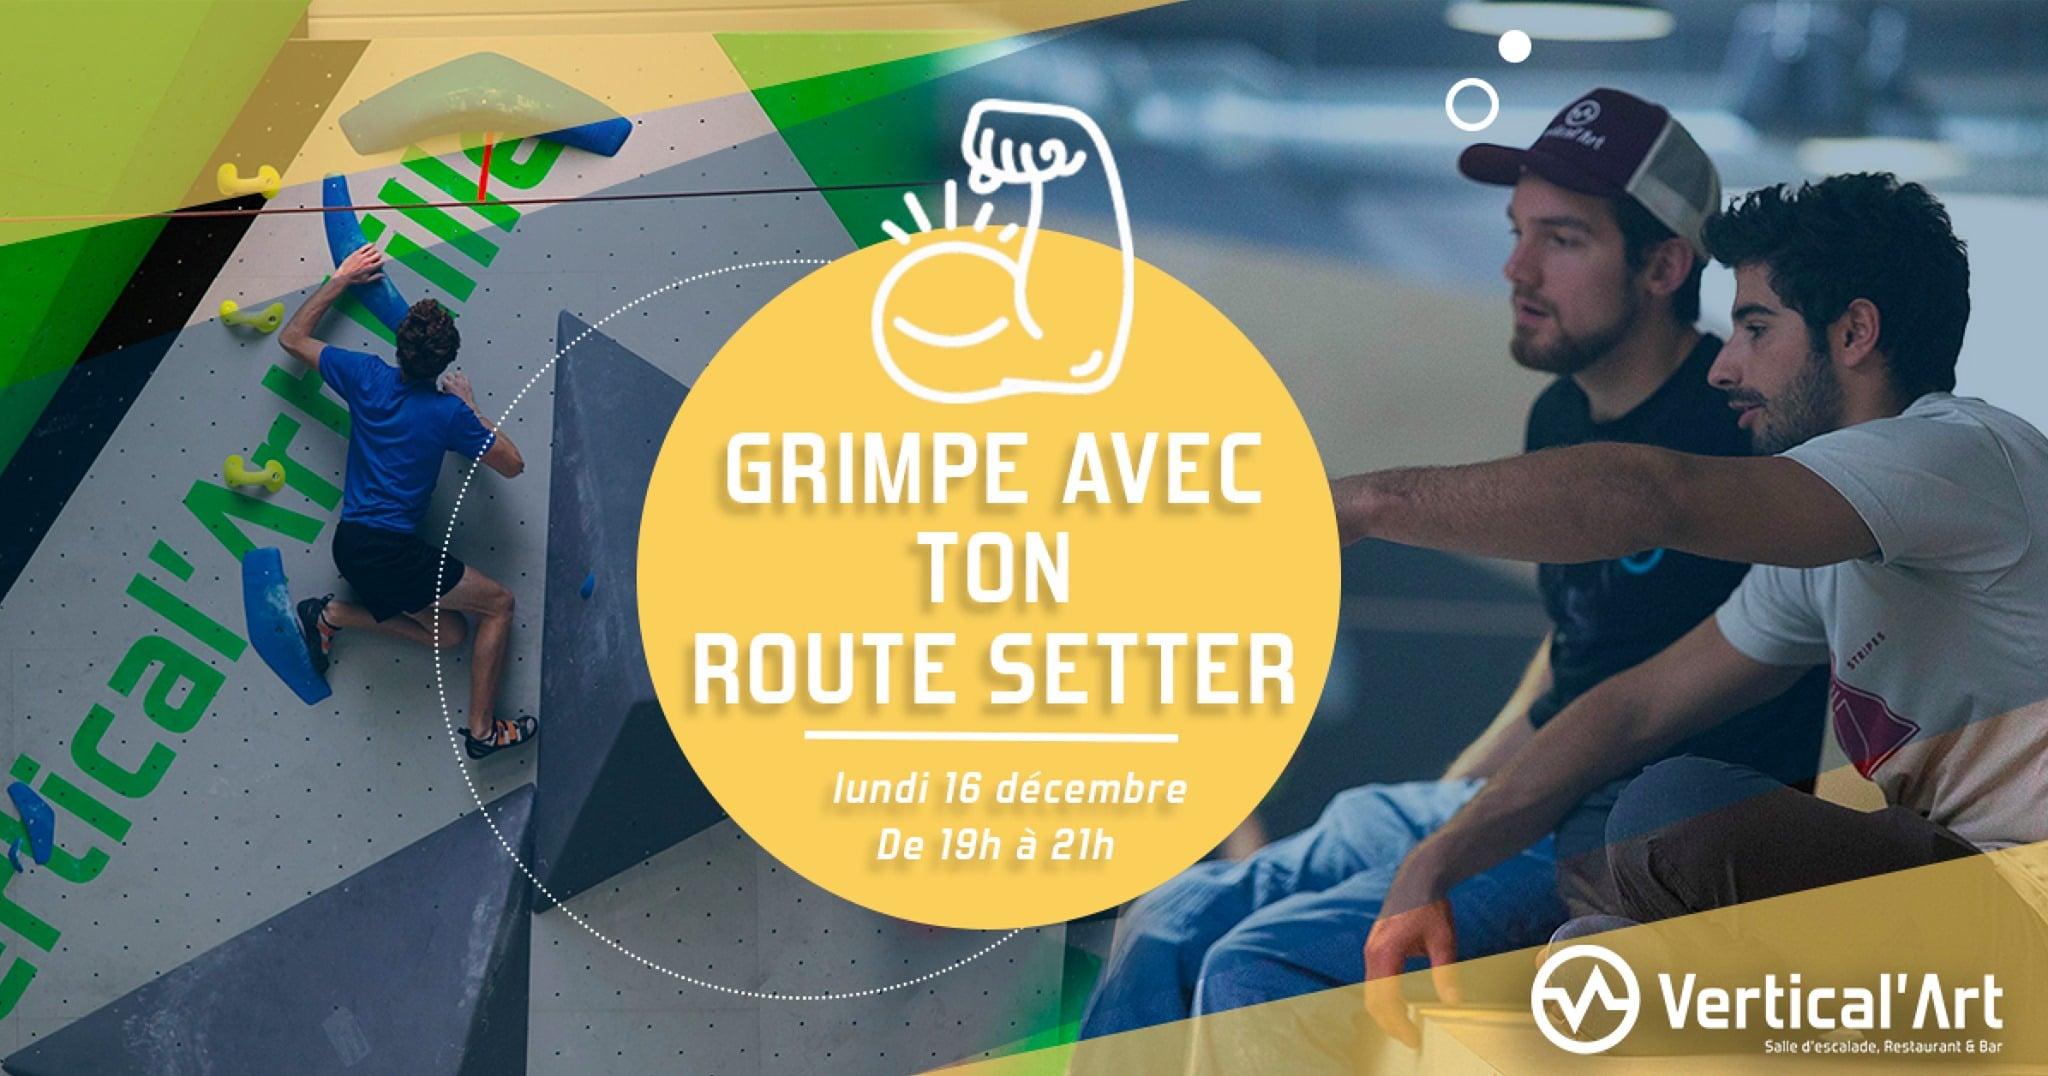 grimpe avec ton route setter - challenge - grimpe - escalade de bloc à vartical'art Lille - équipe - événement